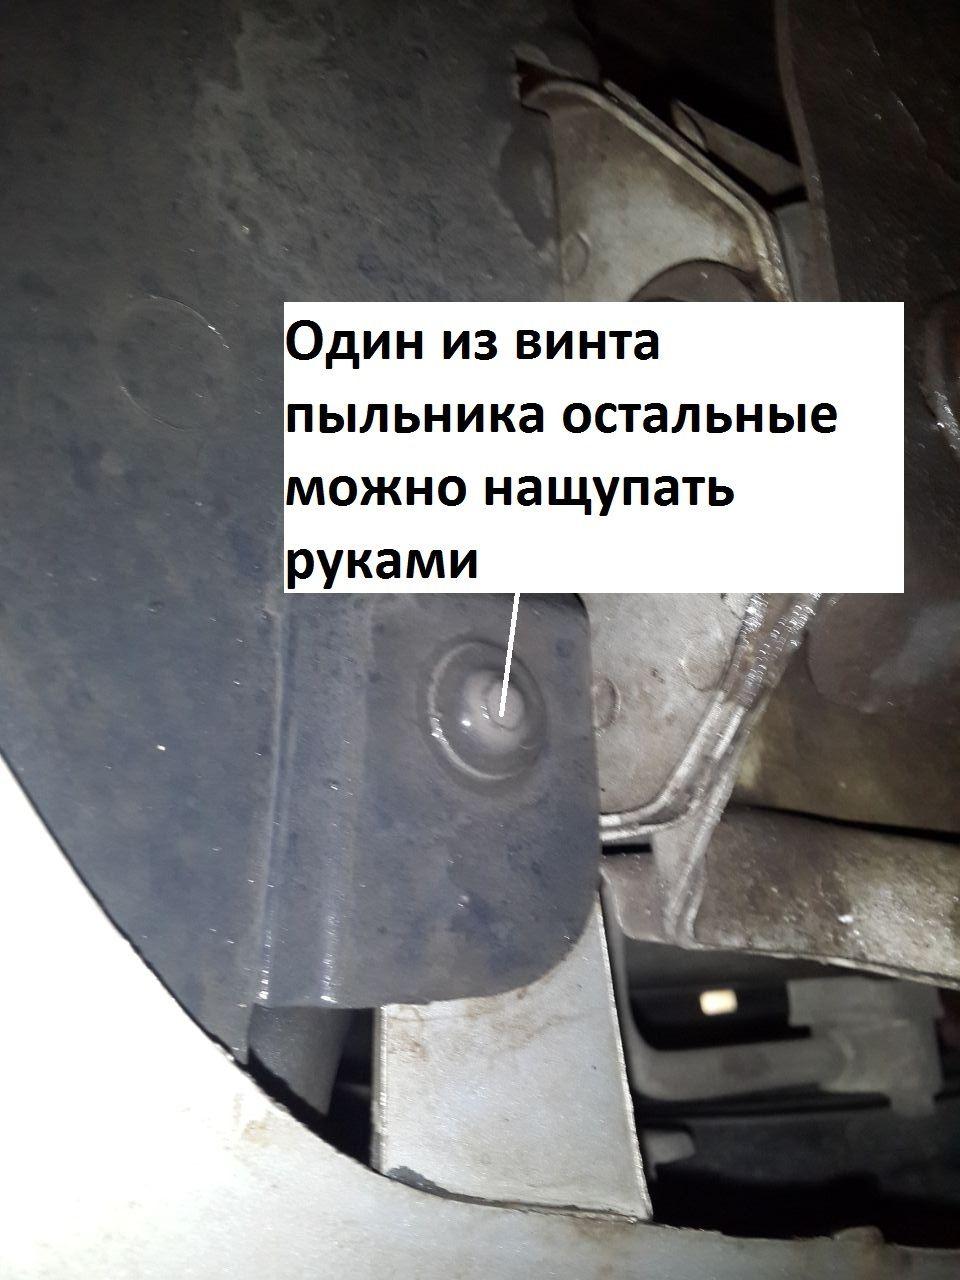 Крепежные элементы бампера к подкрылку Chevrolet Aveo